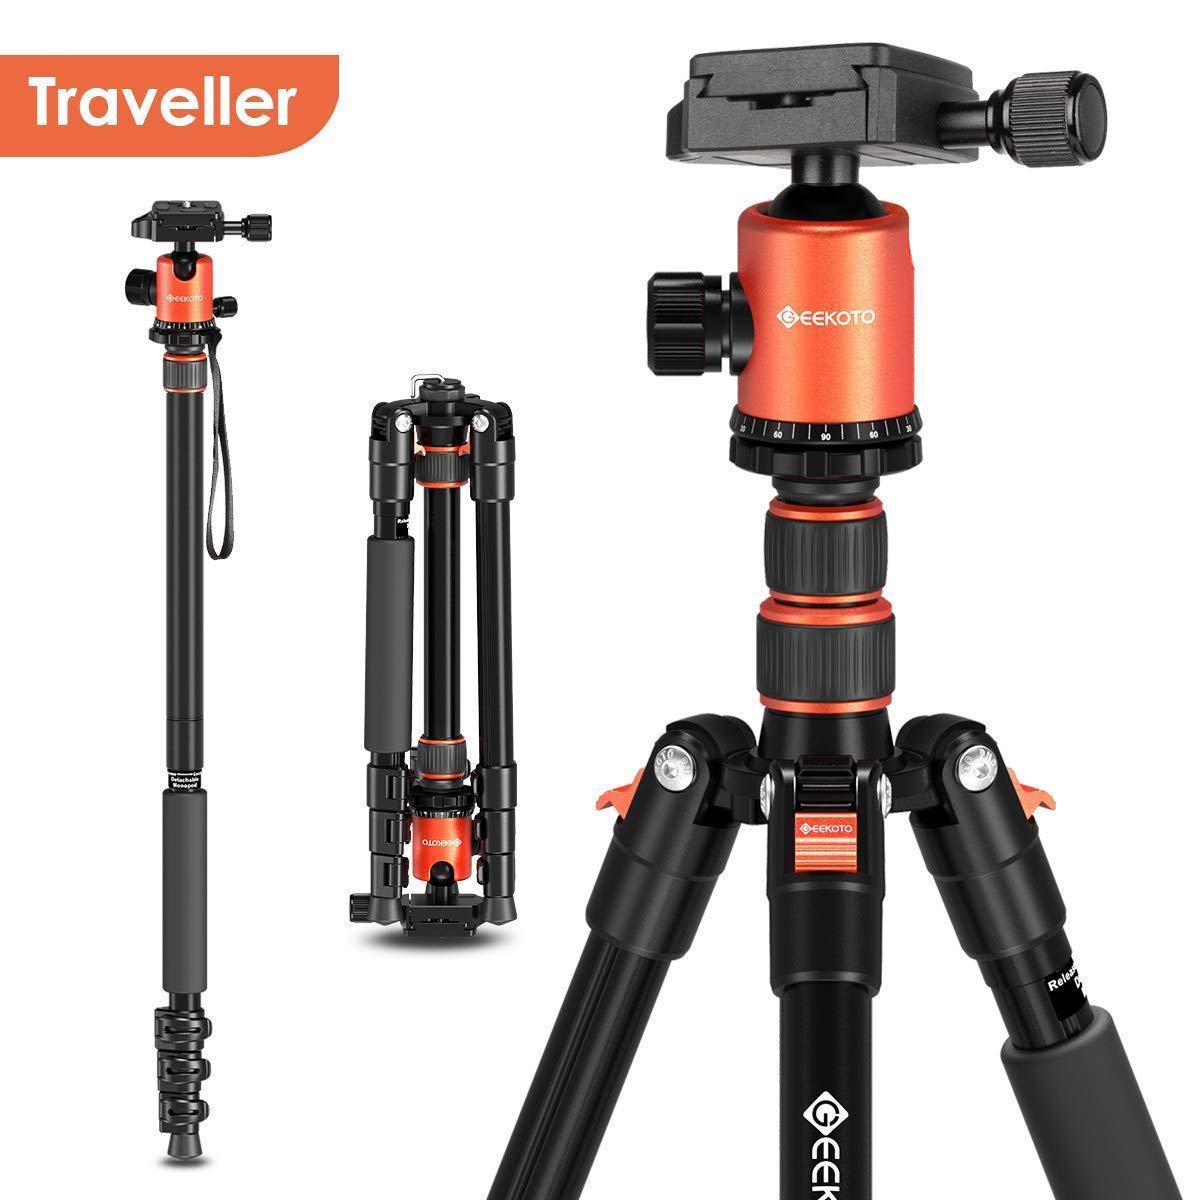 Штатив трипод Geekoto для фотоаппарата профессиональный алюминиевый